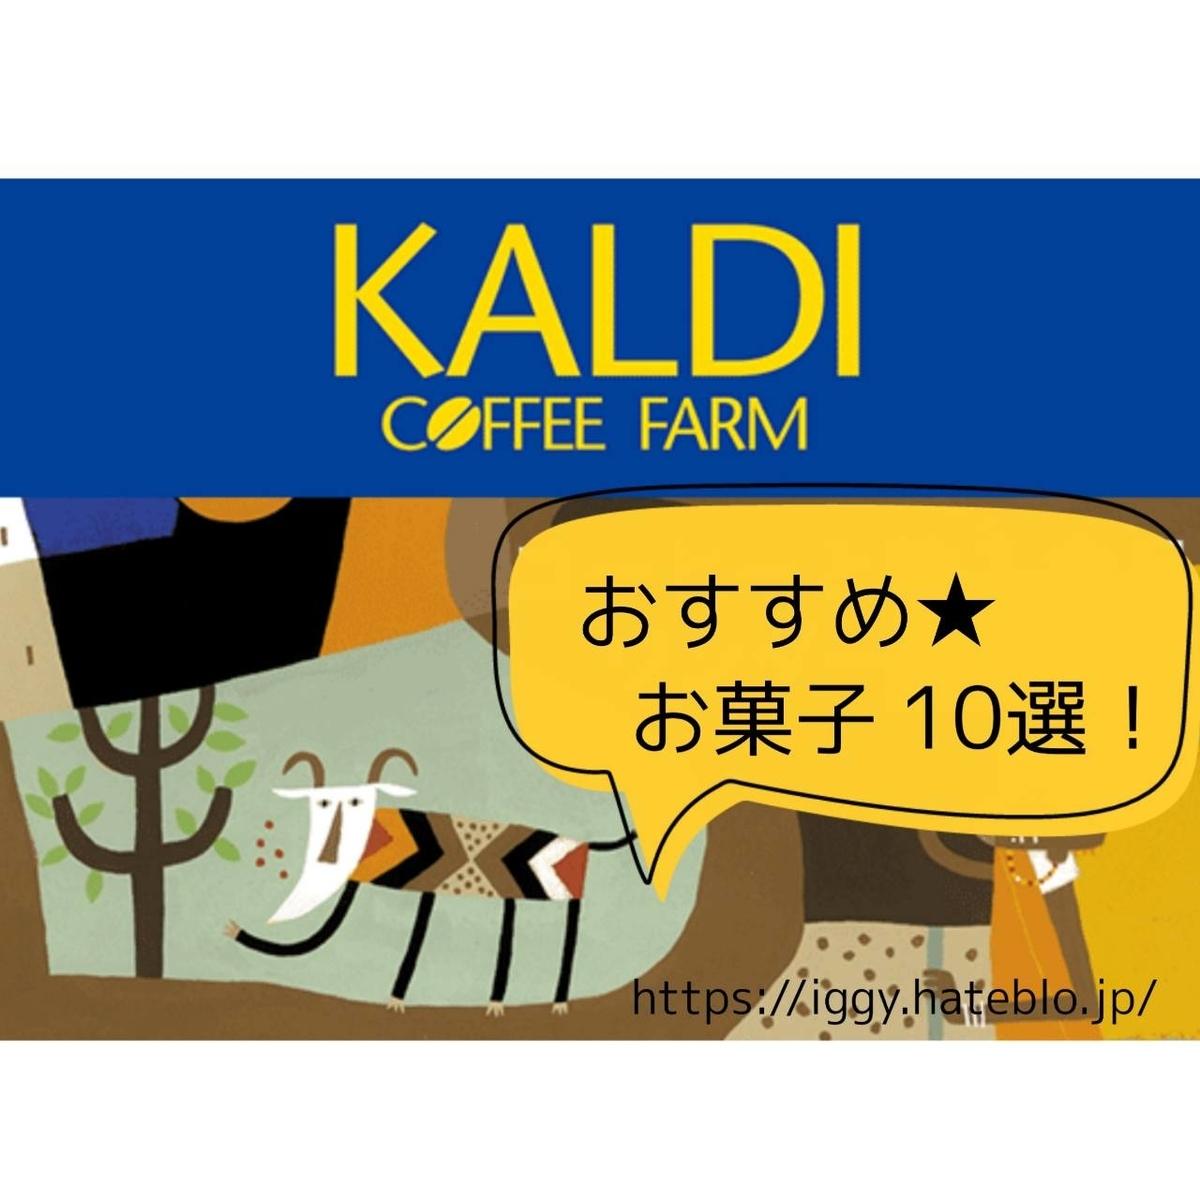 カルディ おすすめ お菓子 10選 LIFE